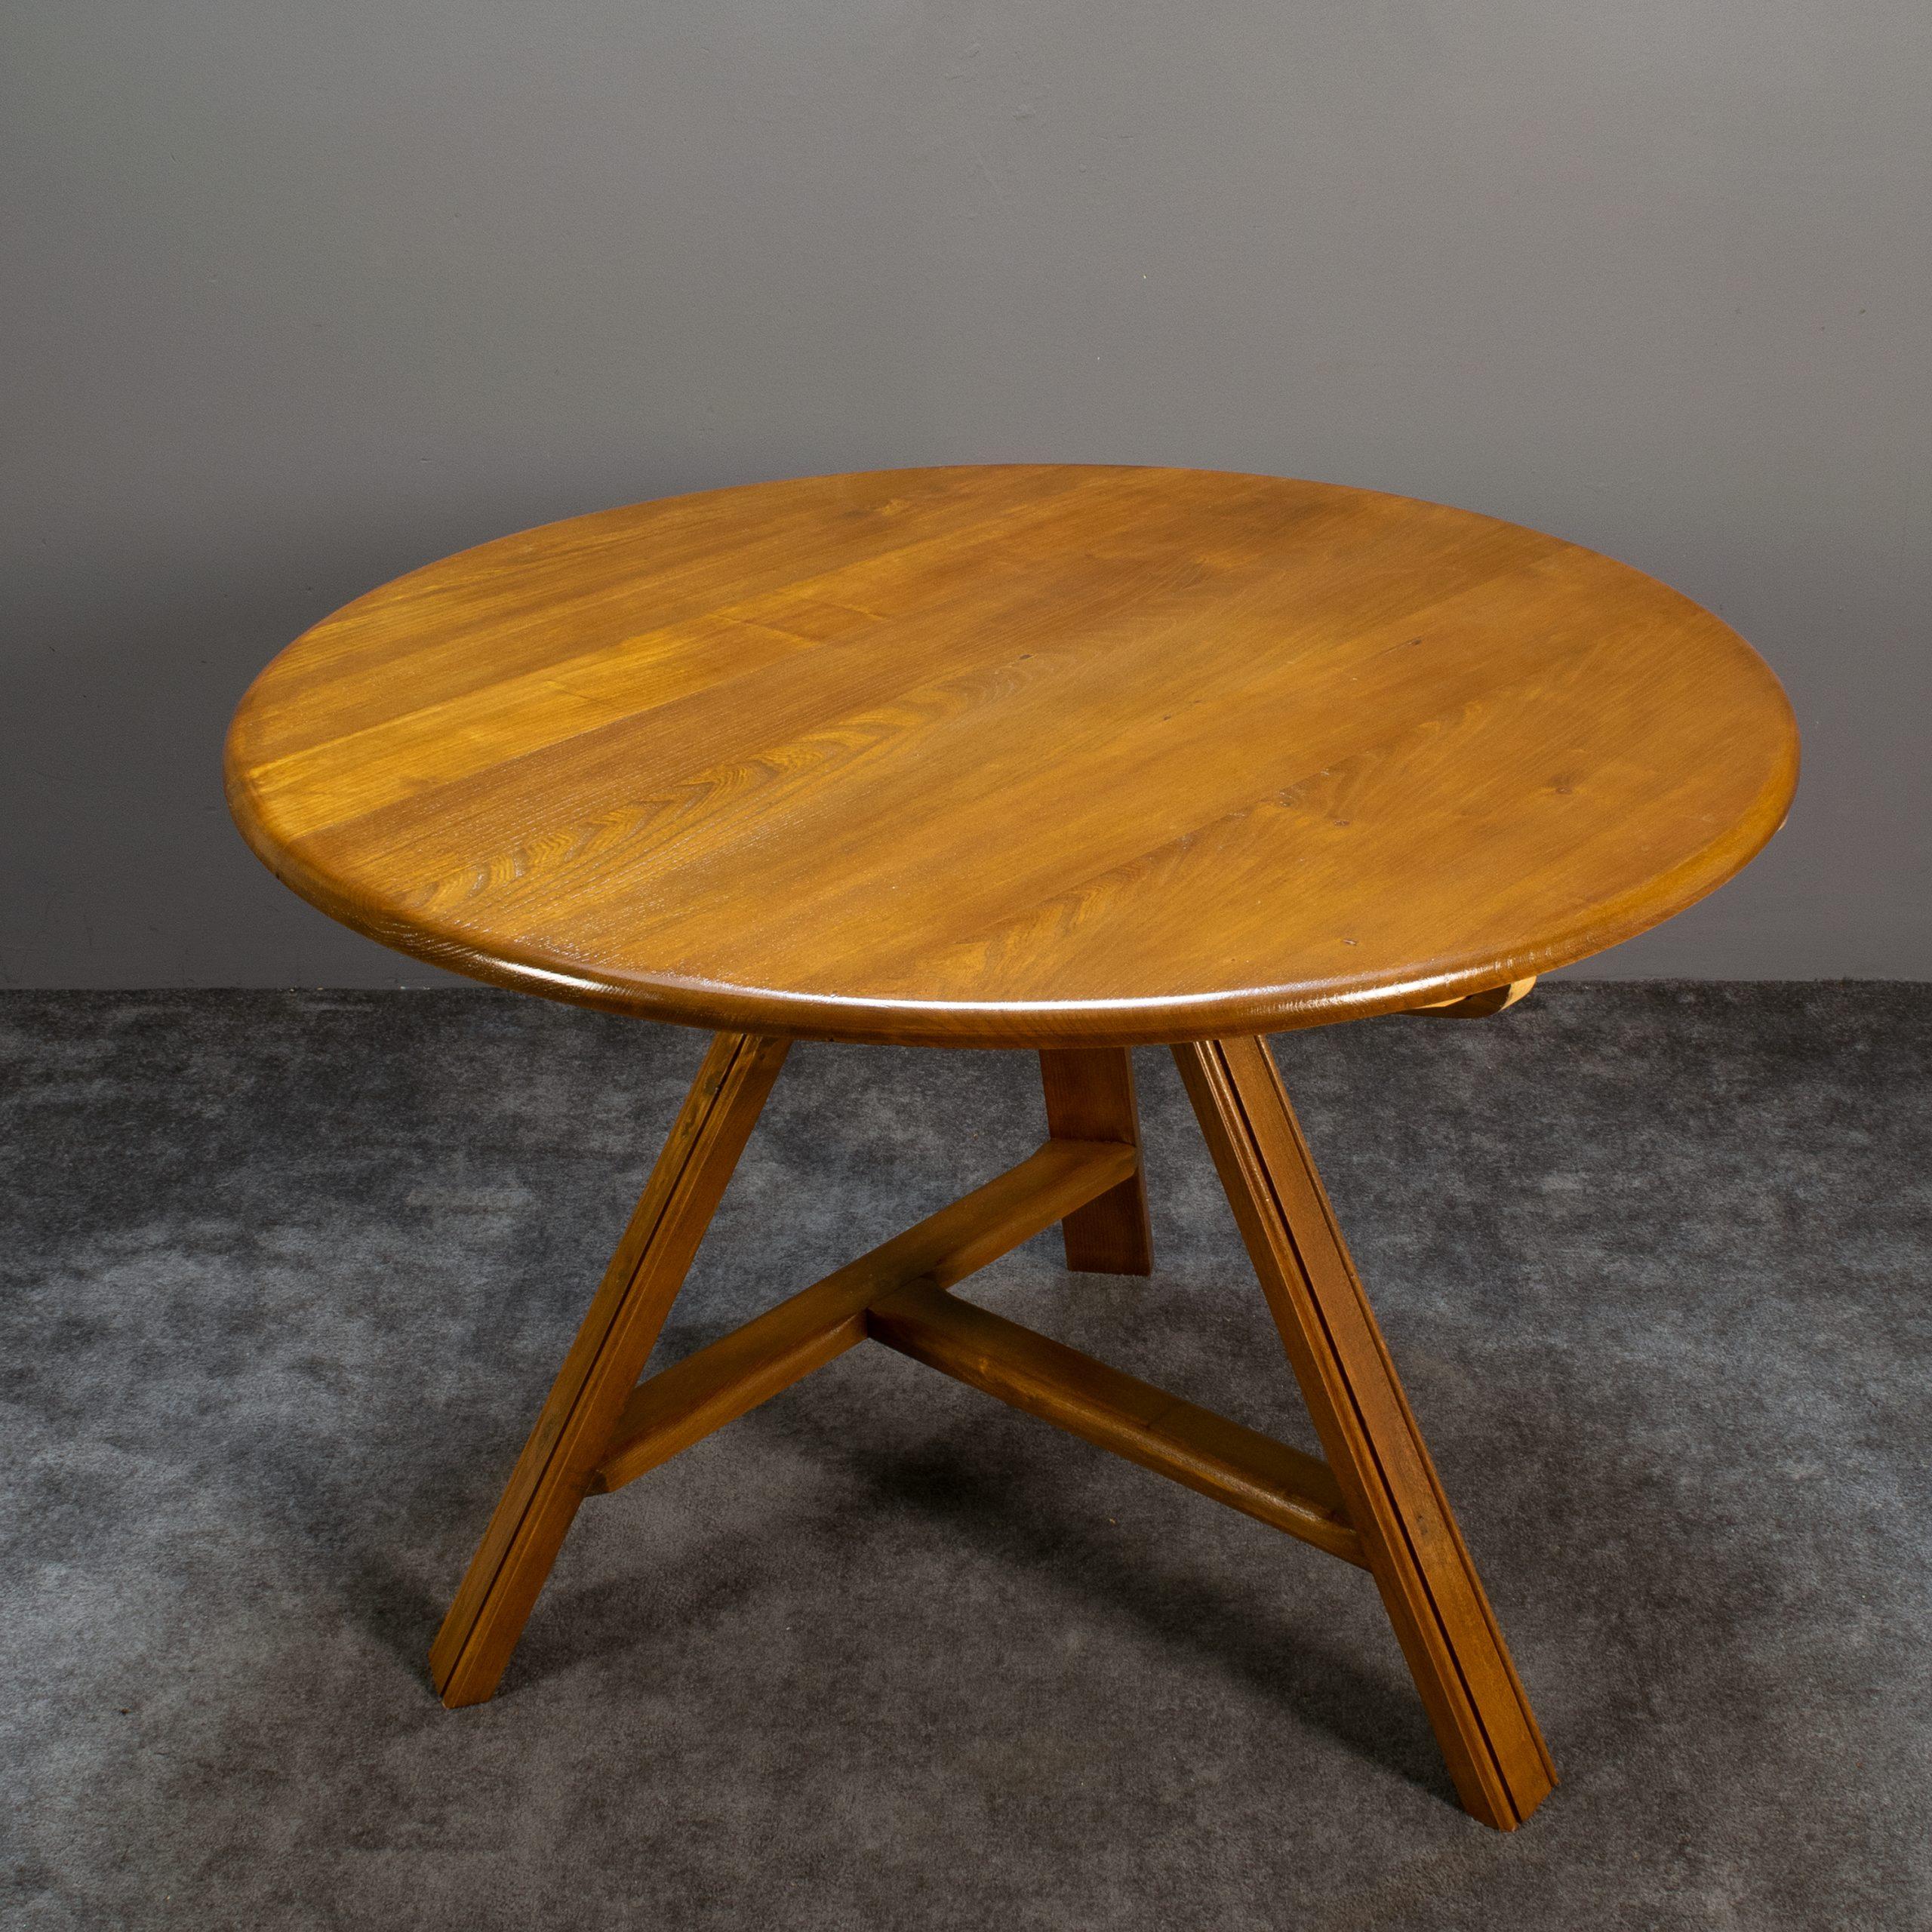 Hollandse klaptafel naar antiek model